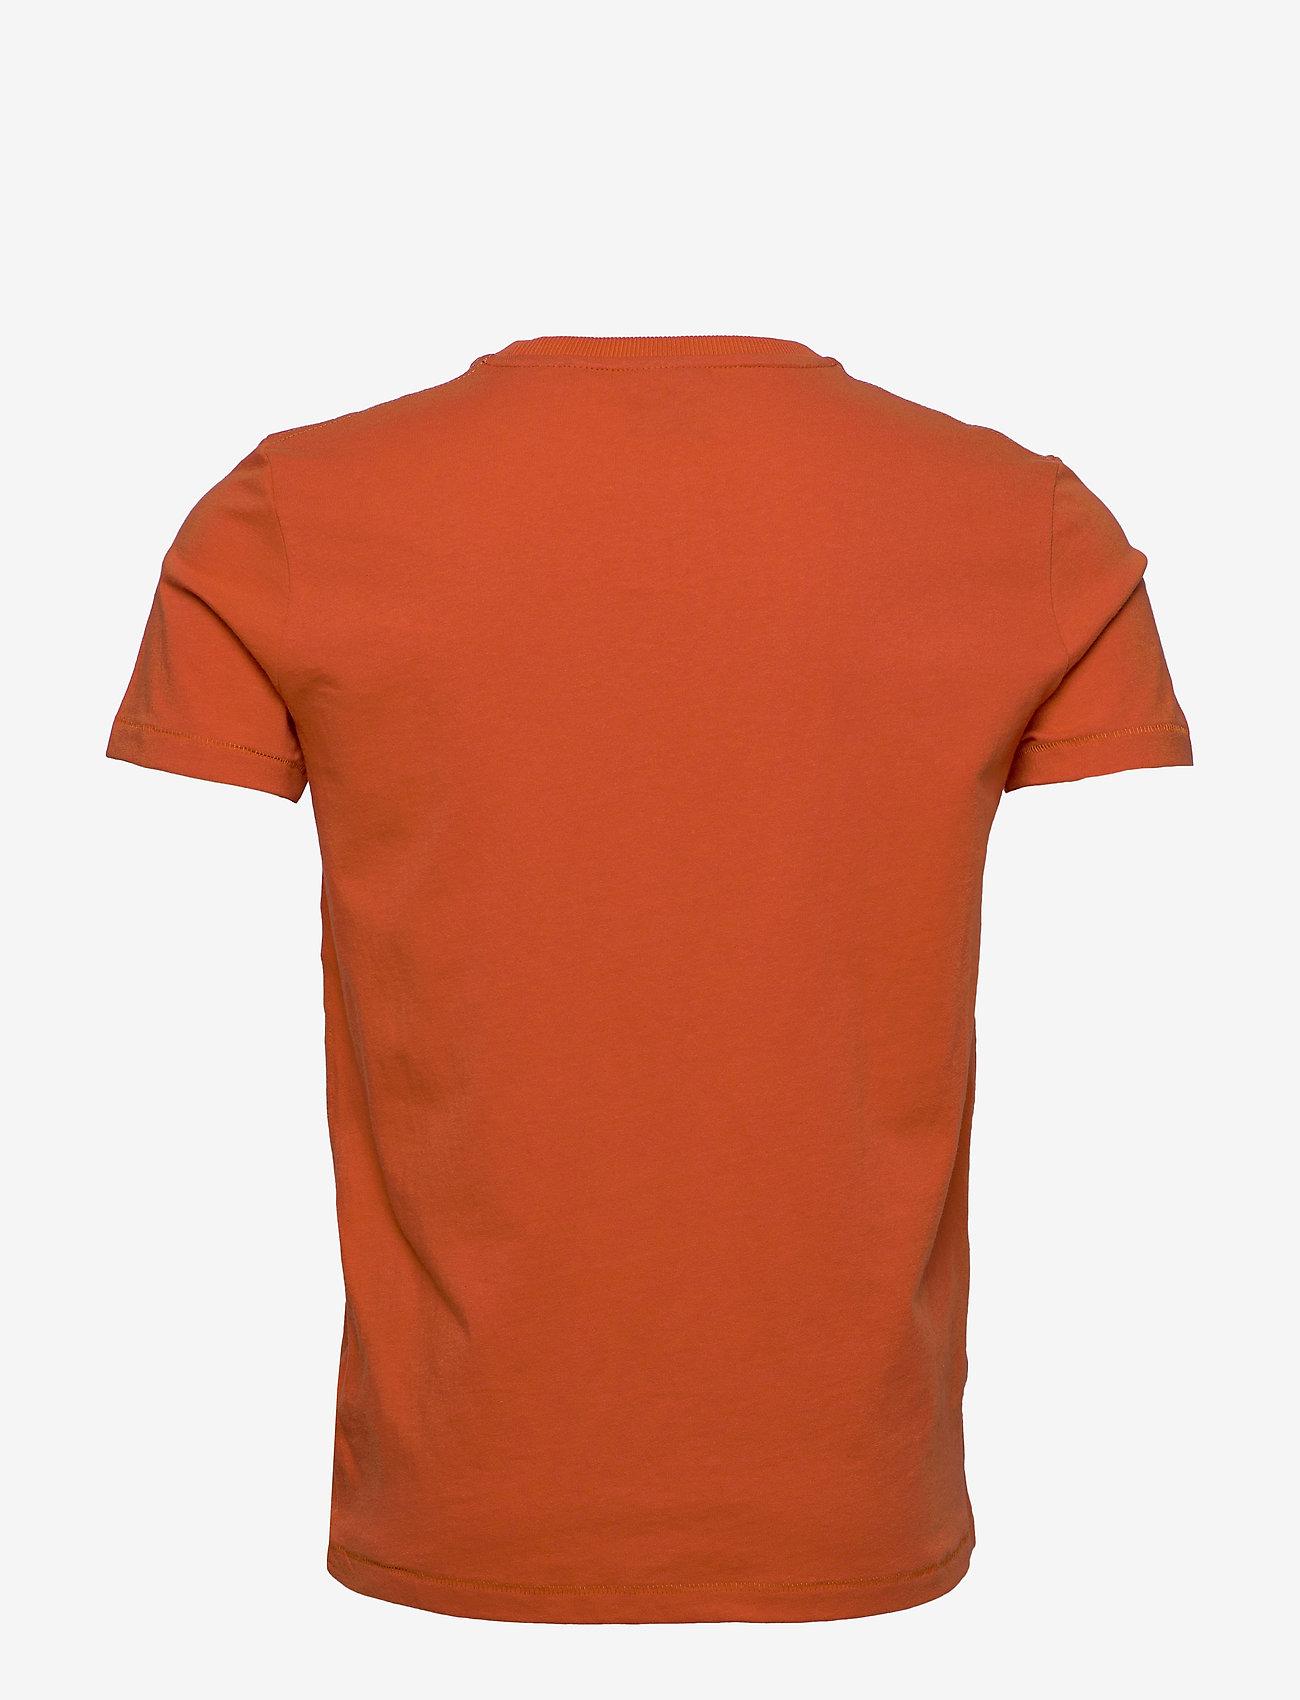 Särskild rabattDenim Goods Co Print Tee Denim Co Rust 239.40 Superdry gDvem FegPe